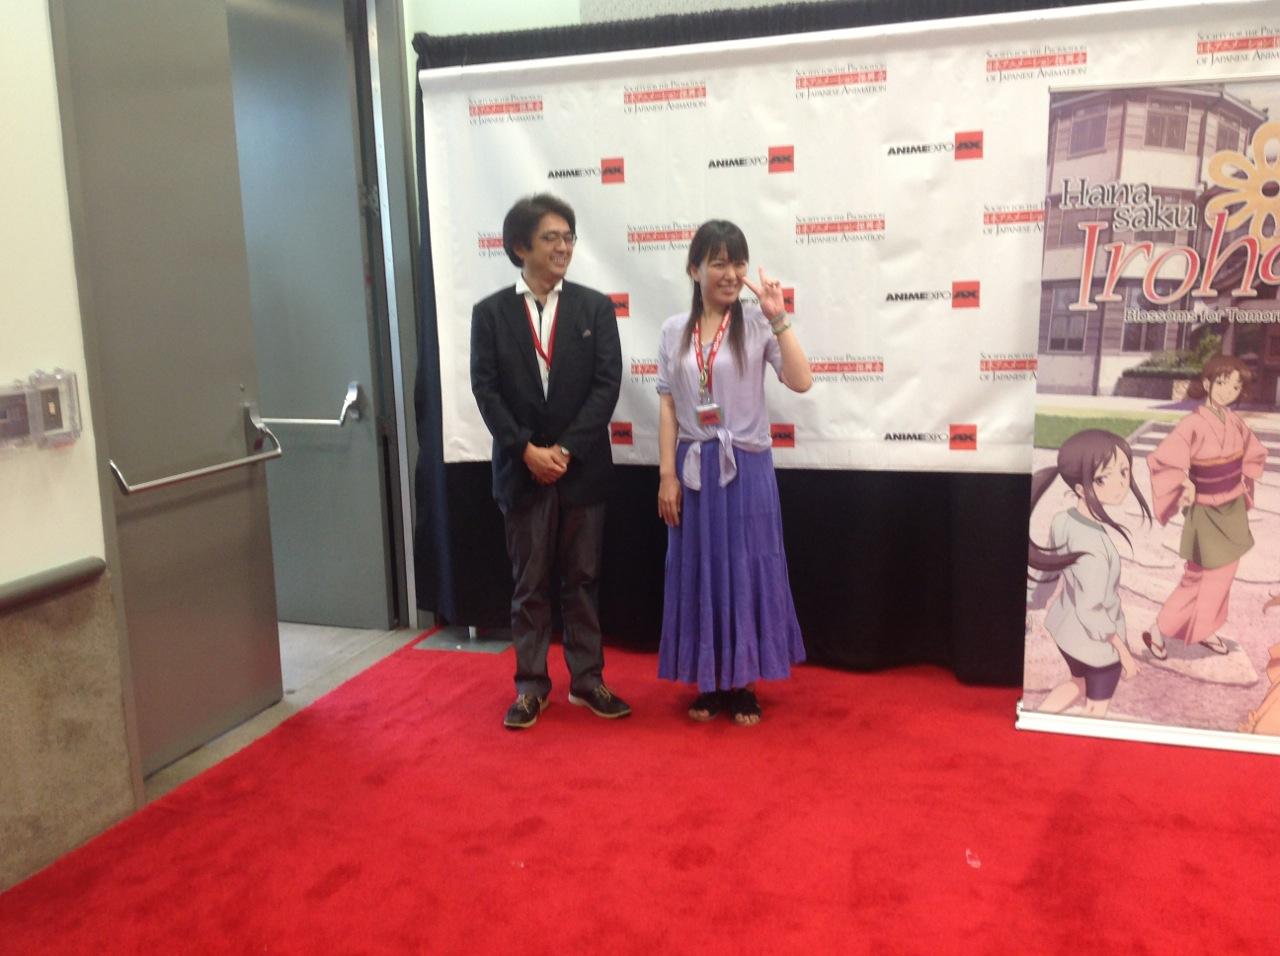 Mari Okada Mari Okada AX Fan Panel and Press Conference Liveblog